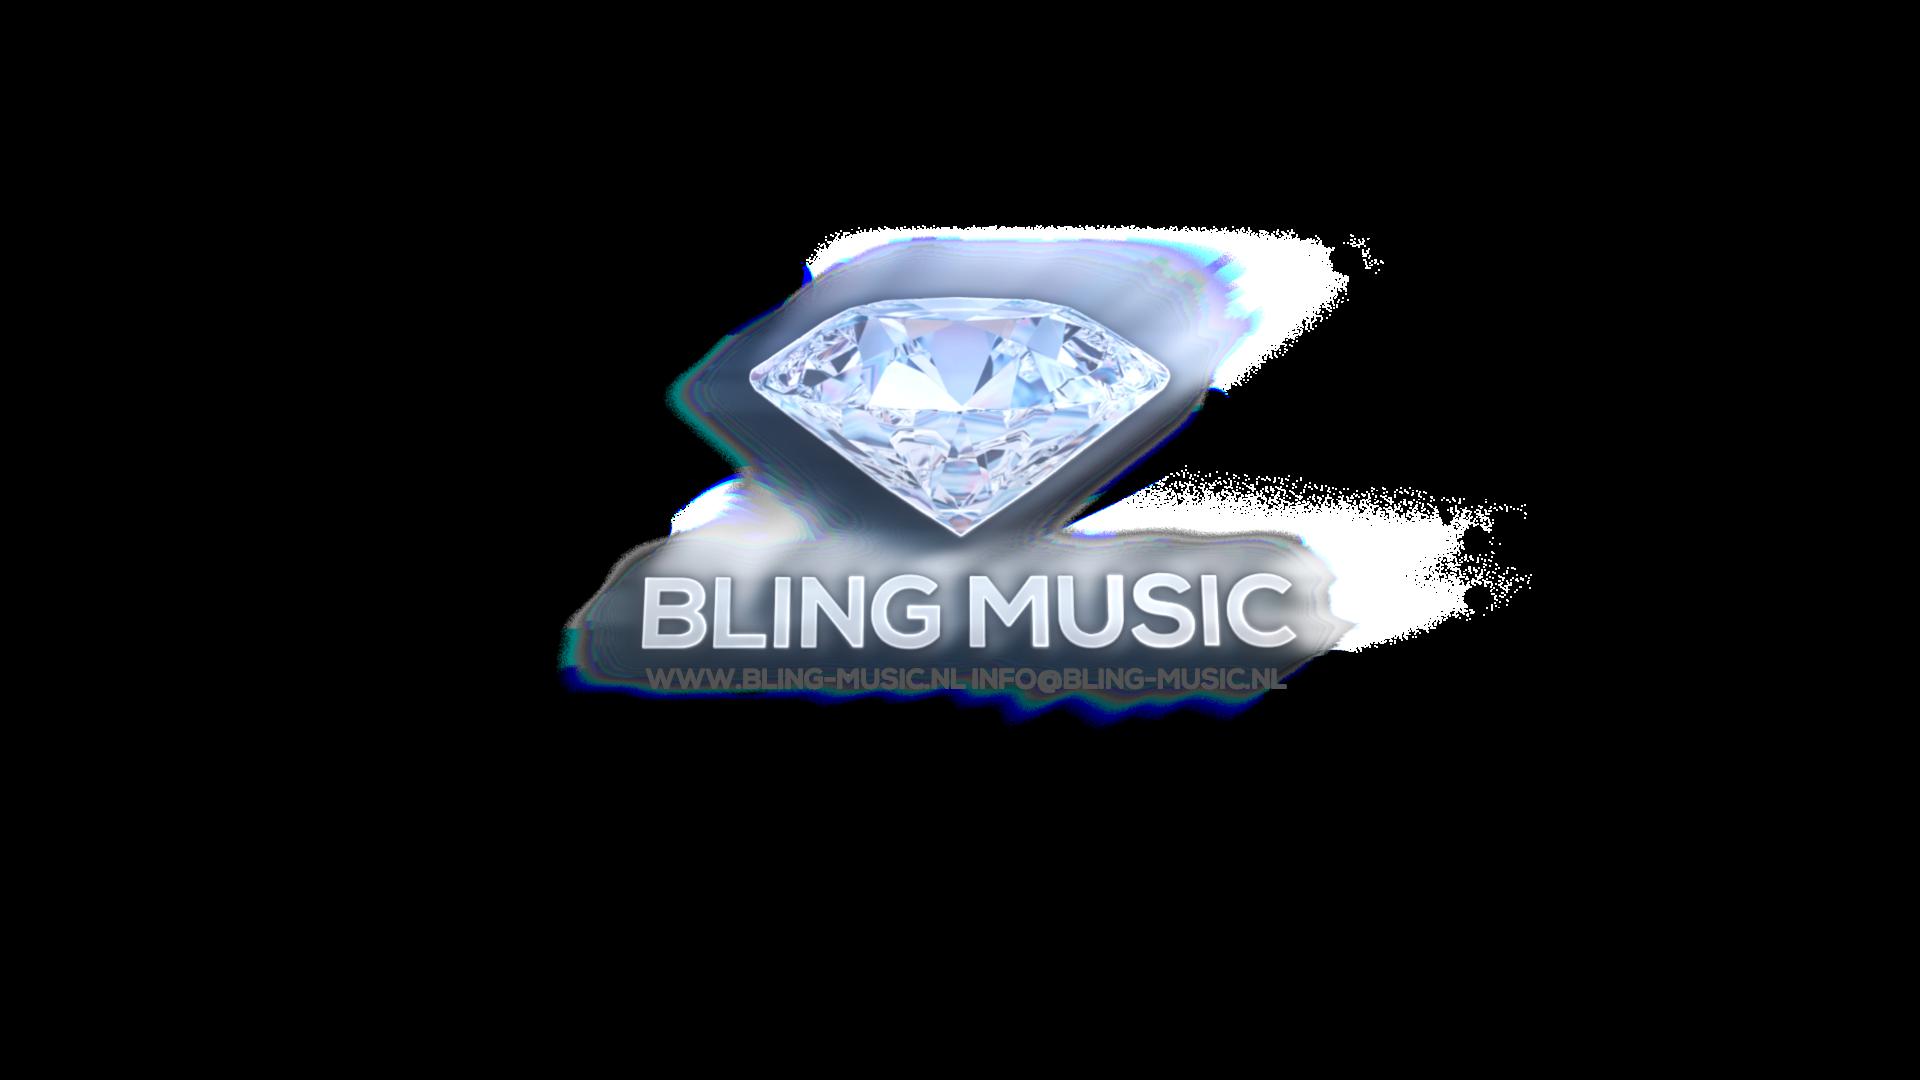 BLING MUSIC